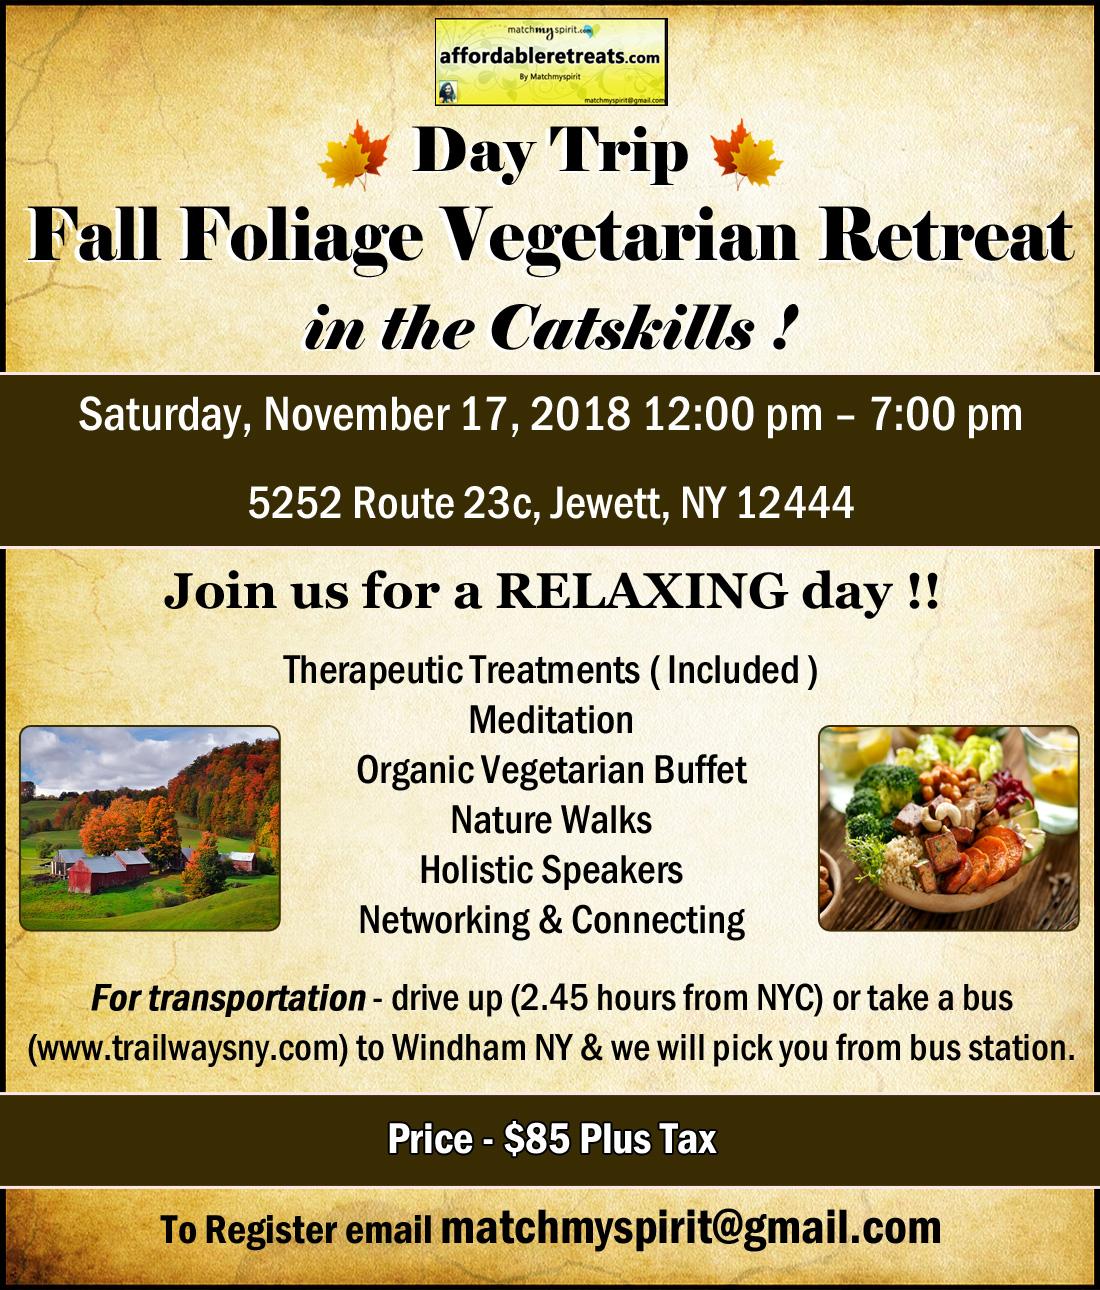 Fall Foliage Vegetarian Retreat in the Catskills